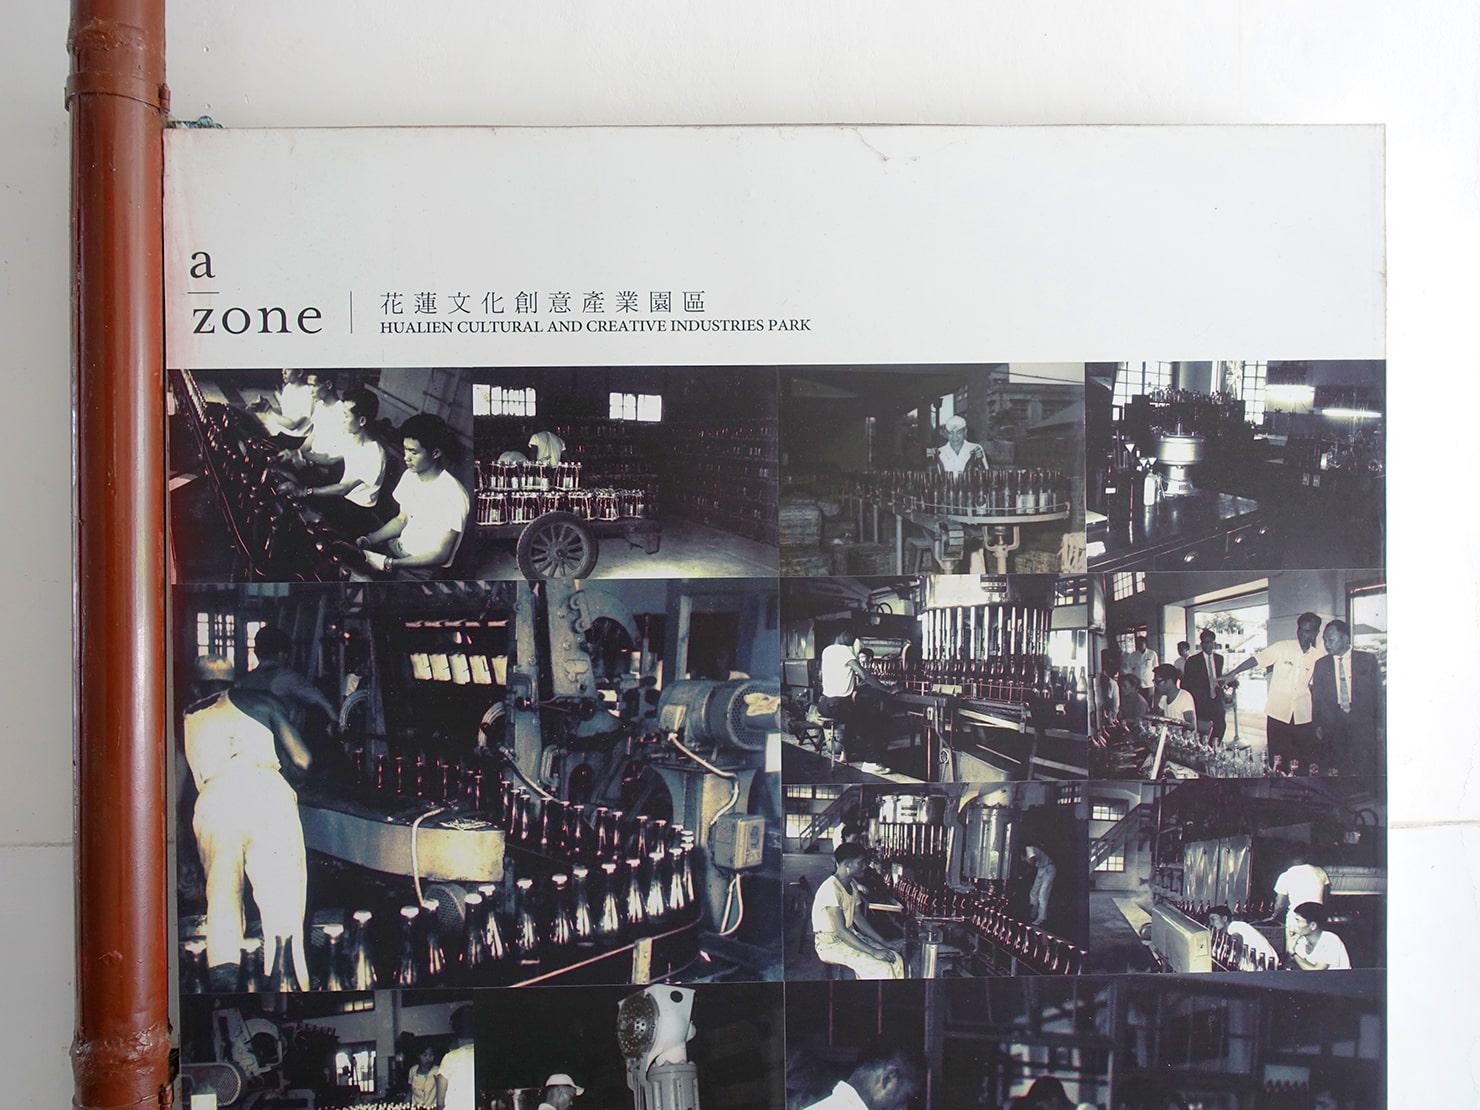 台湾・花蓮のおすすめ観光スポット「a-zone花蓮文化創意產業園區」の昔の様子